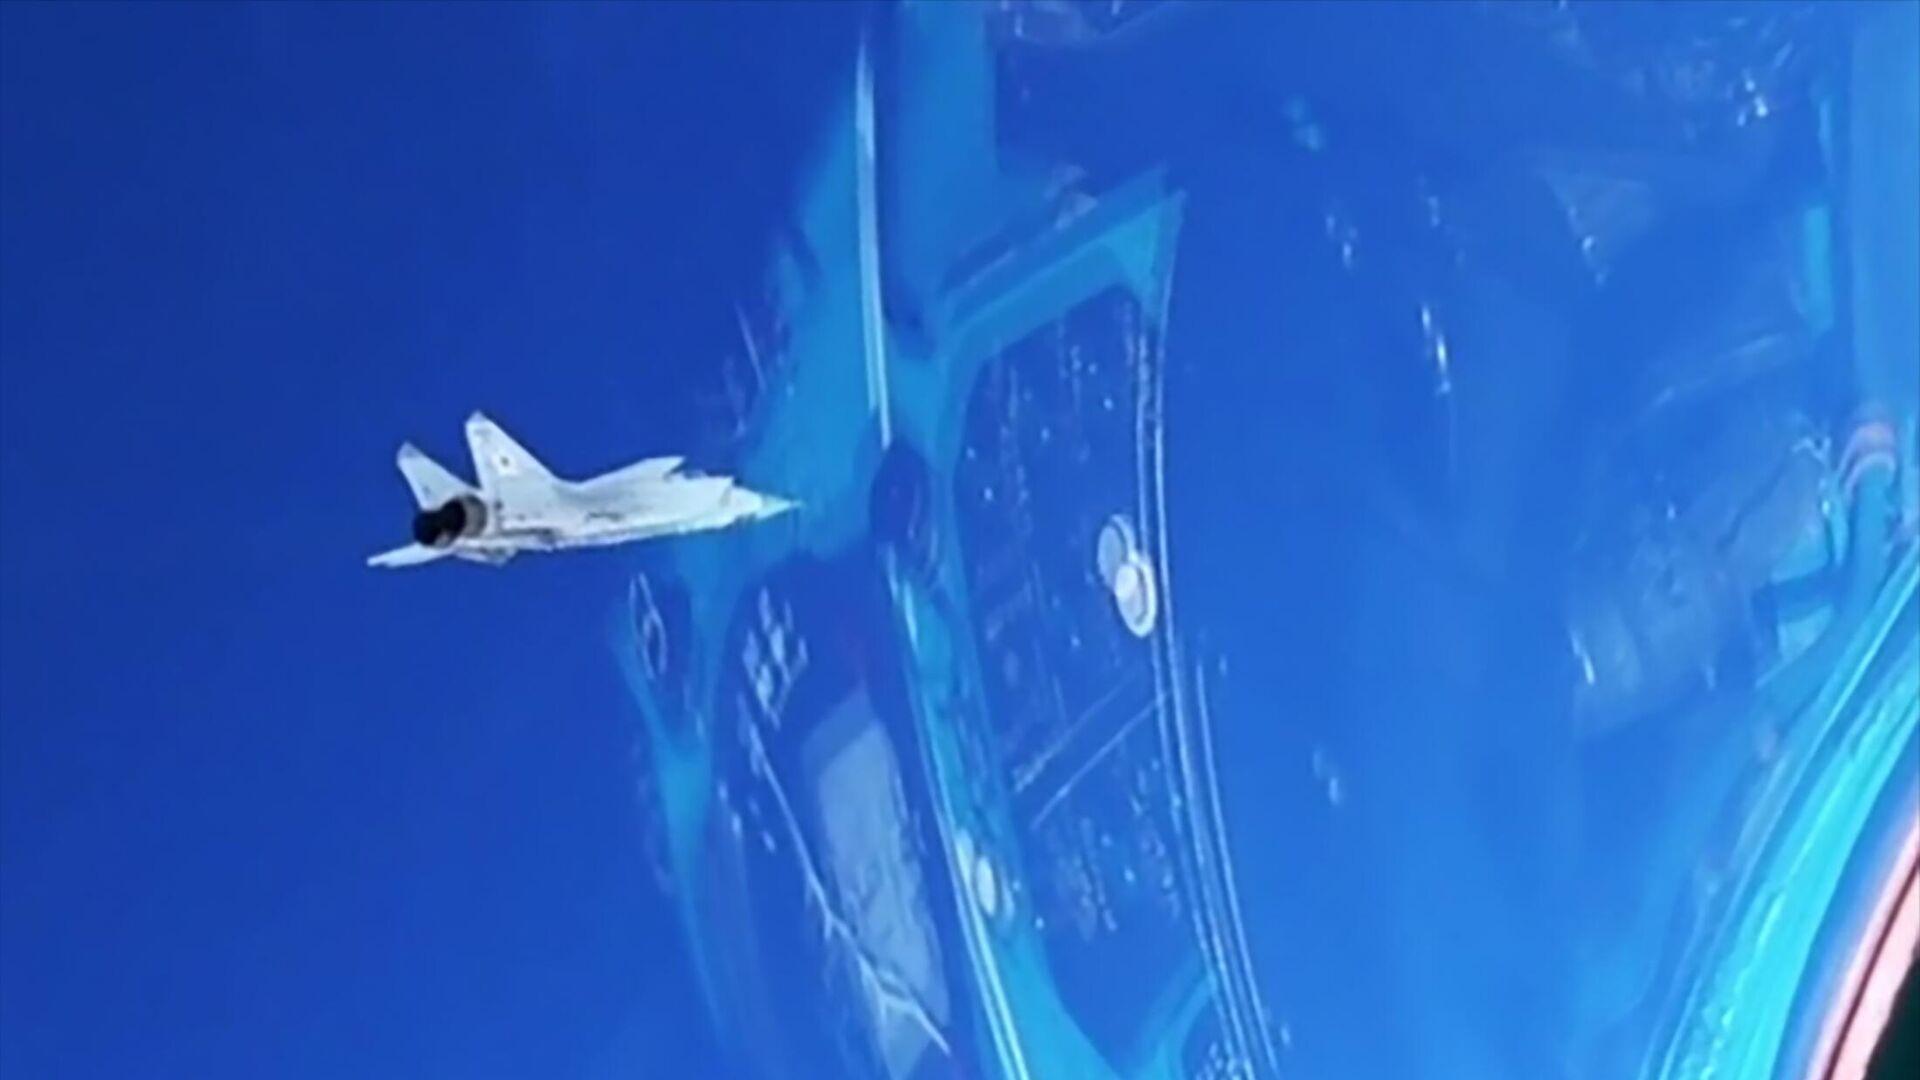 Истребитель МиГ-31 во время перехвата самолета-нарушителя противника, пытавшегося прорваться в воздушное пространство страны на большой высоте и сверхзвуке, в рамках учений в Арктике - РИА Новости, 1920, 28.07.2021